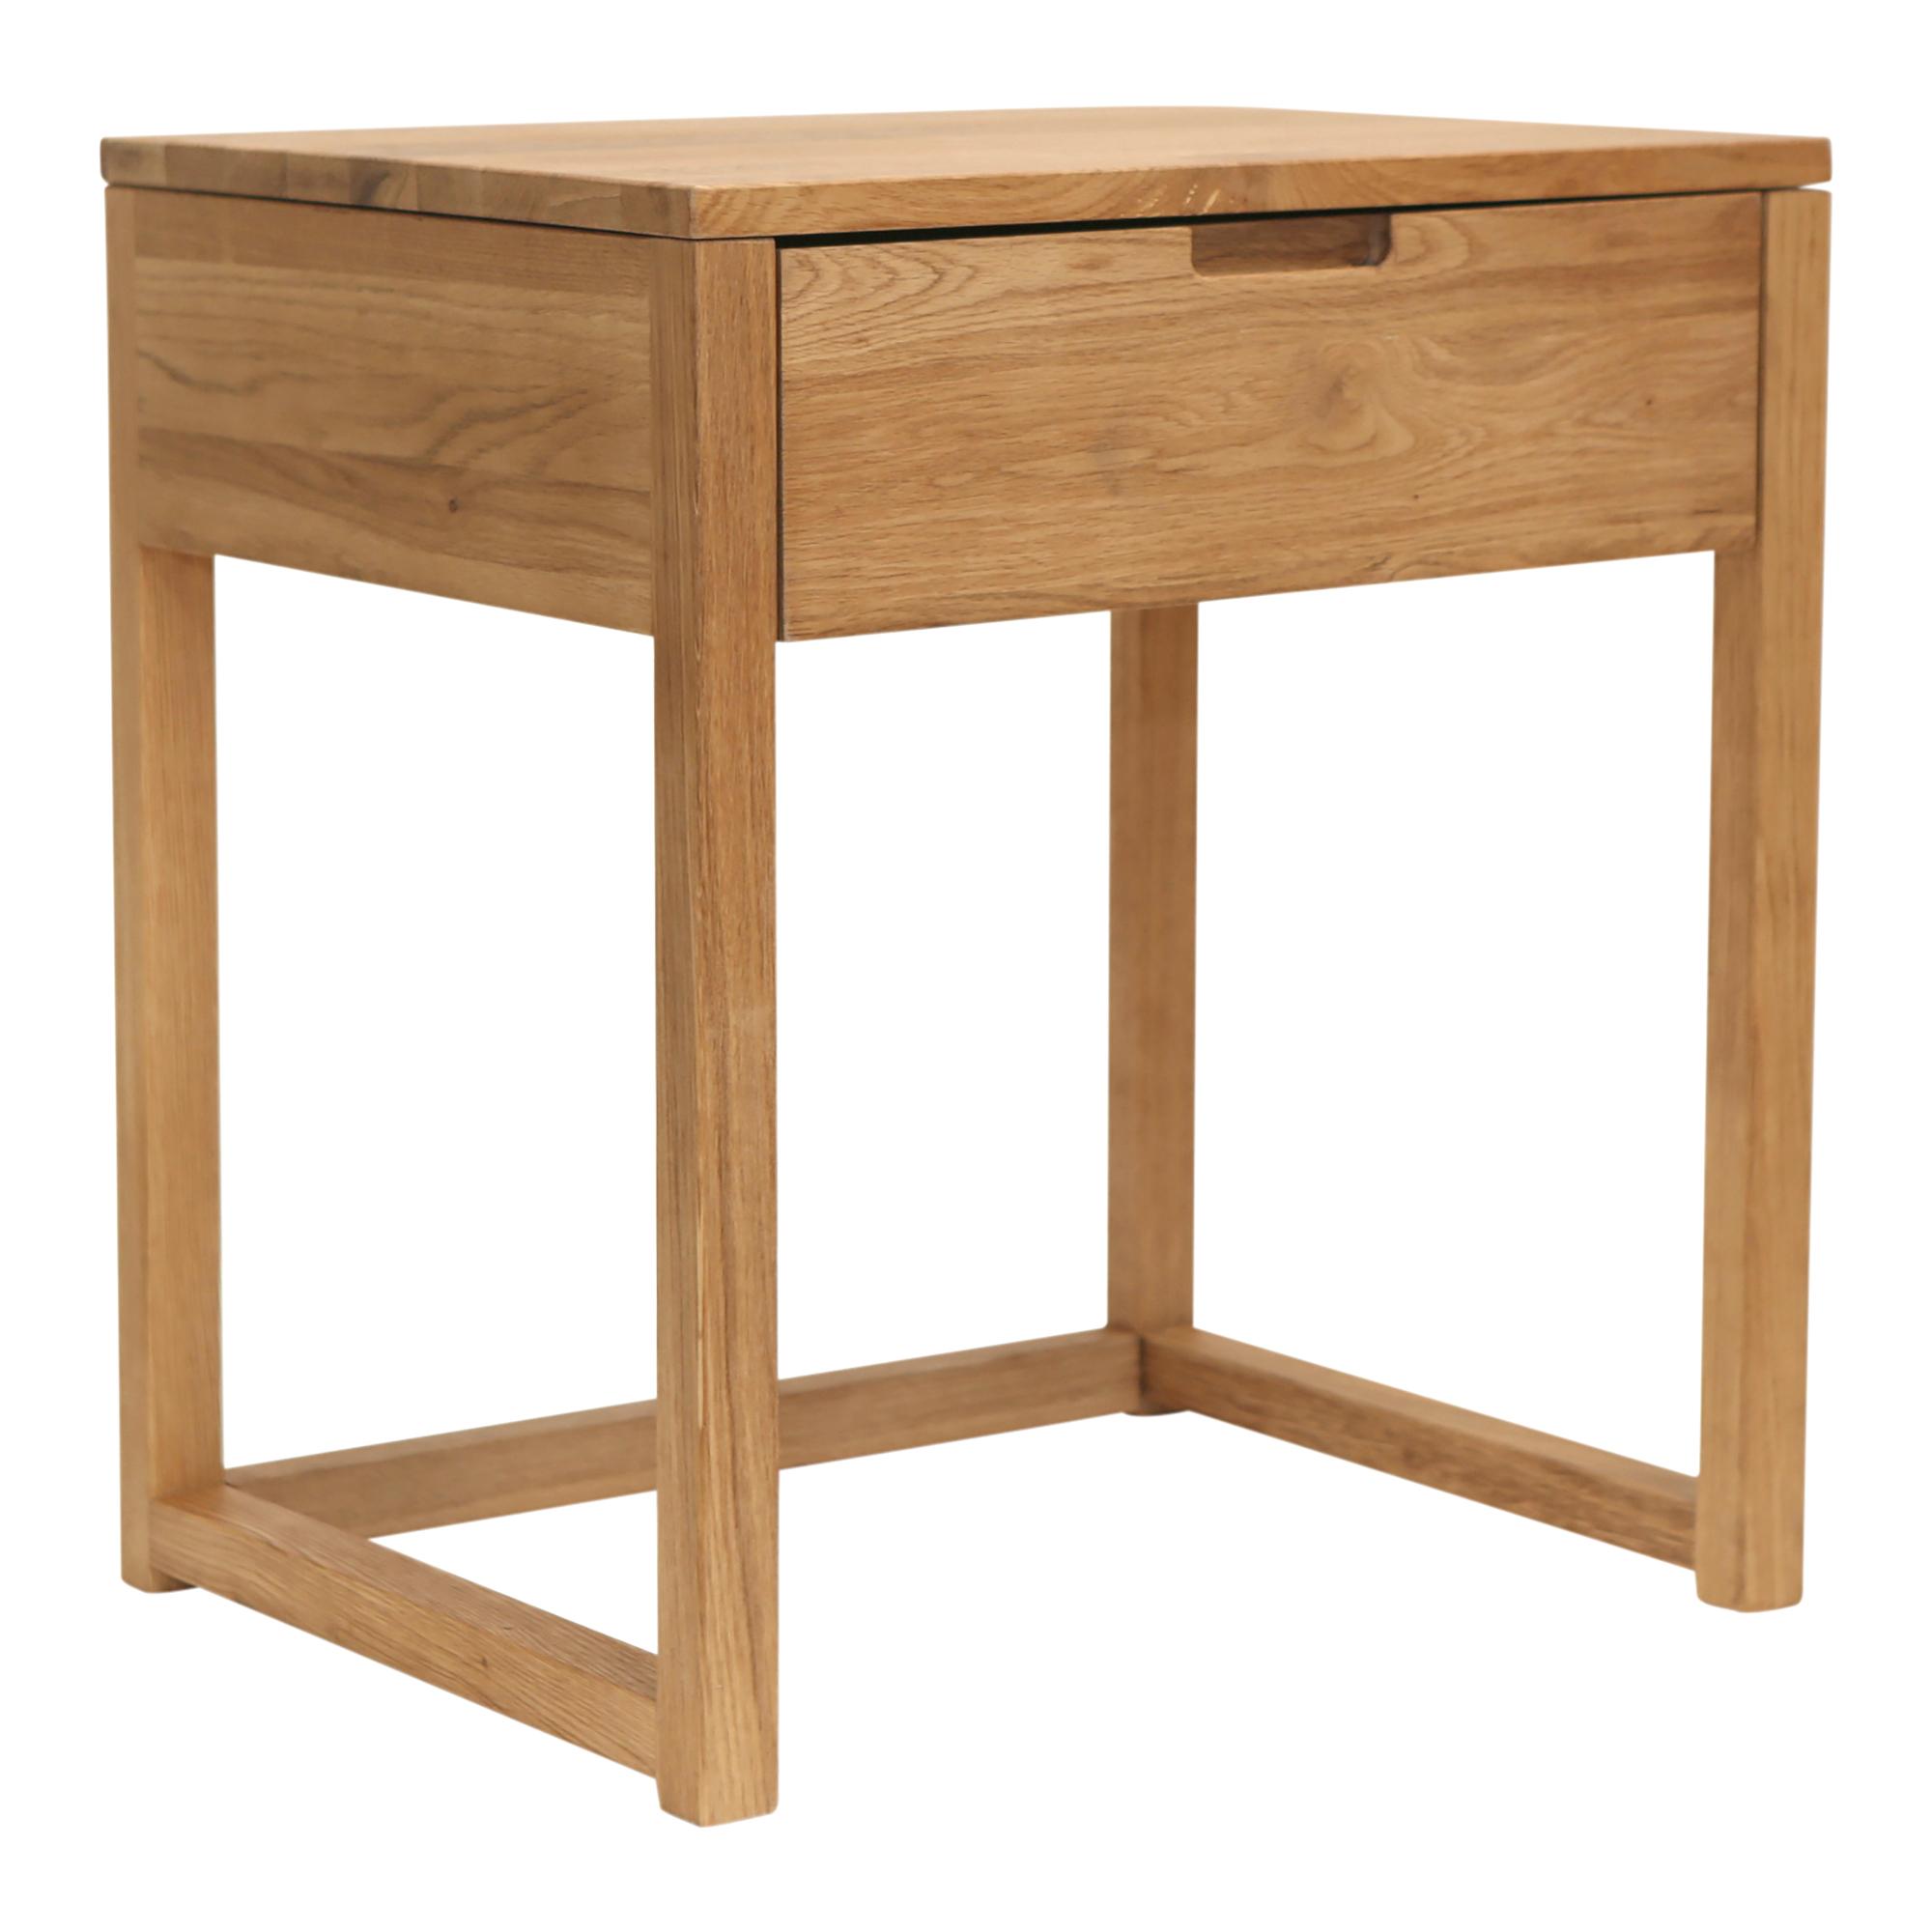 Temple Webster Olwen Solid Oak Timber Bedside Table